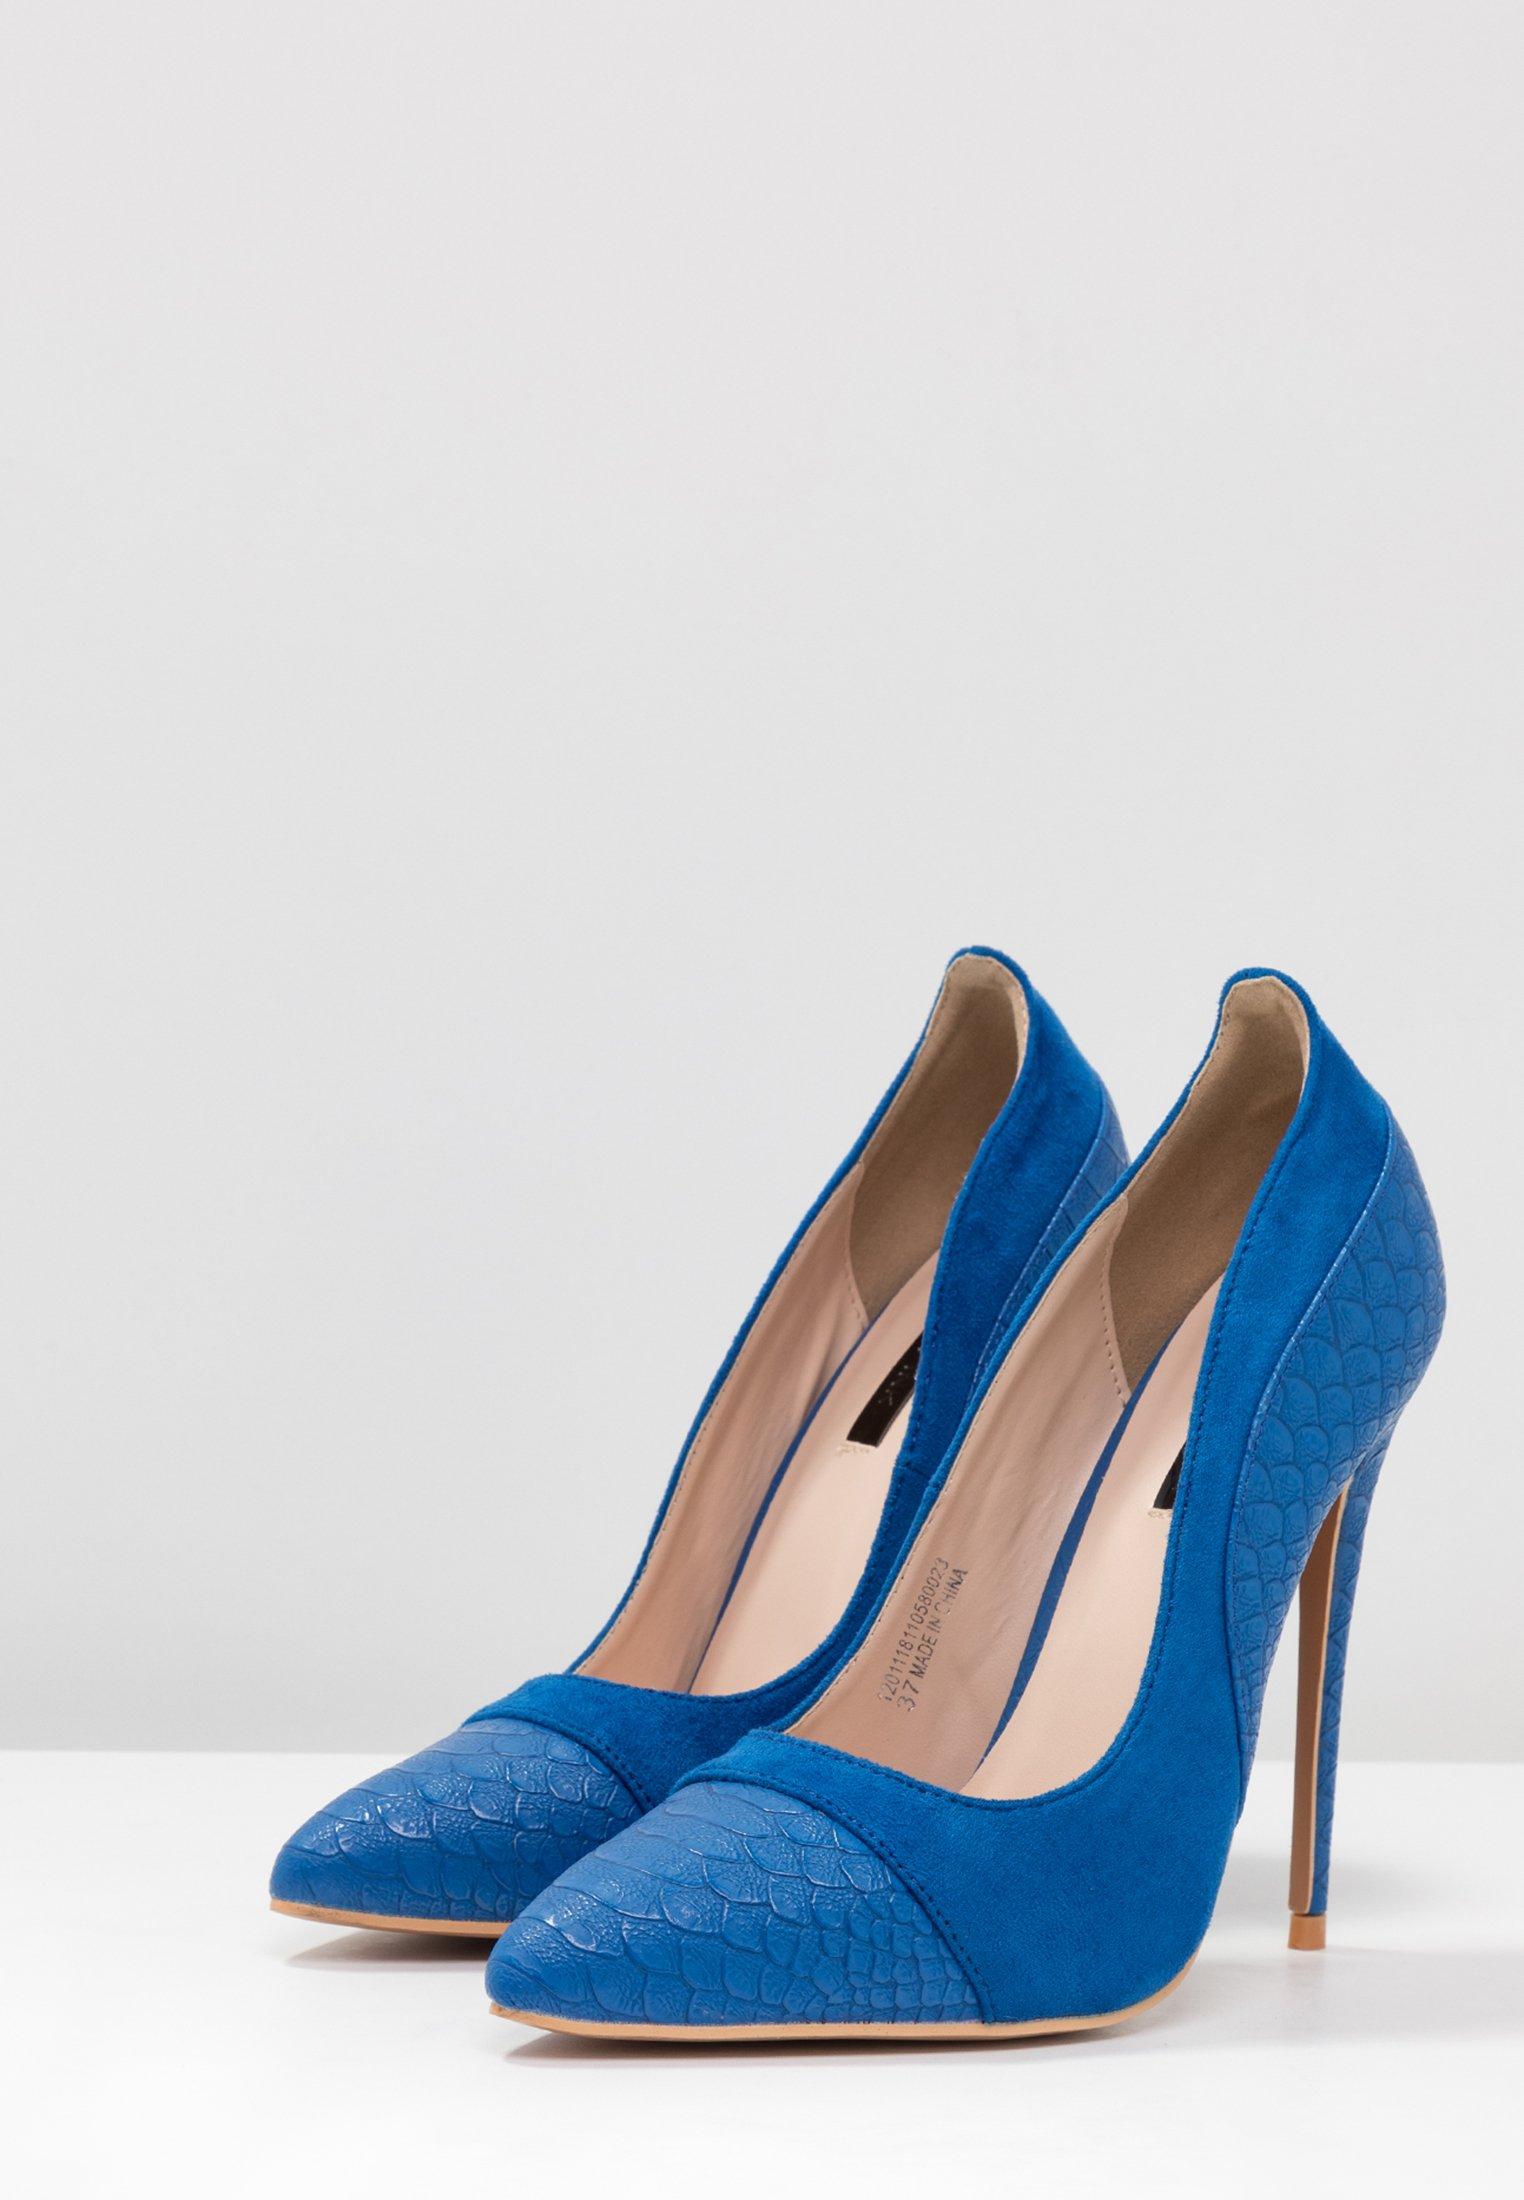 Lost Ink Charly Court Shoe - Escarpins À Talons Hauts Cobalt Blue